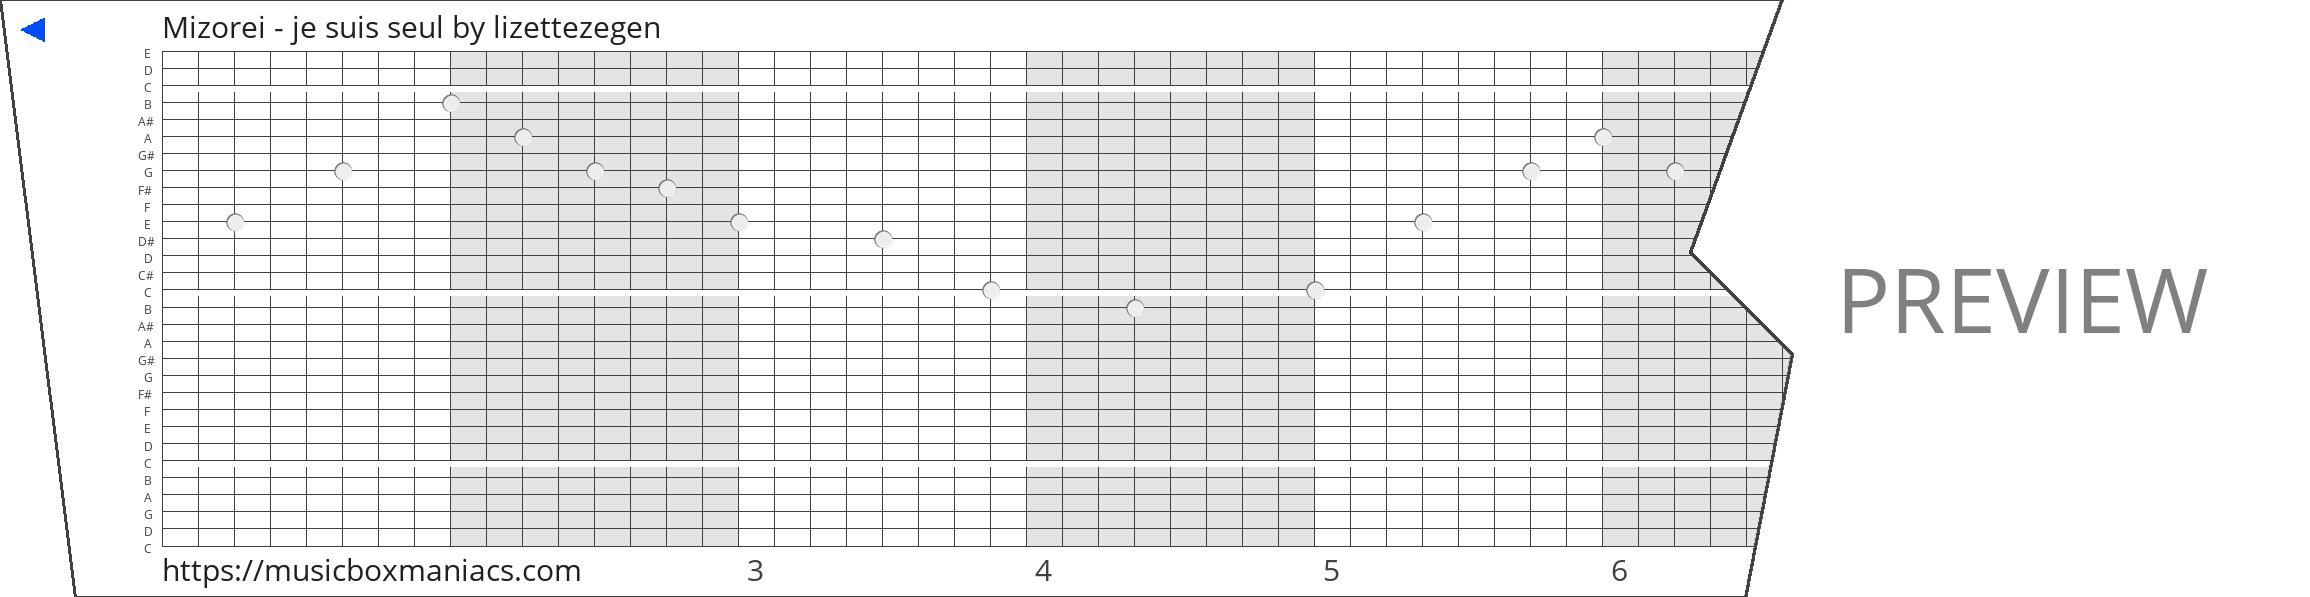 Mizorei - je suis seul 30 note music box paper strip